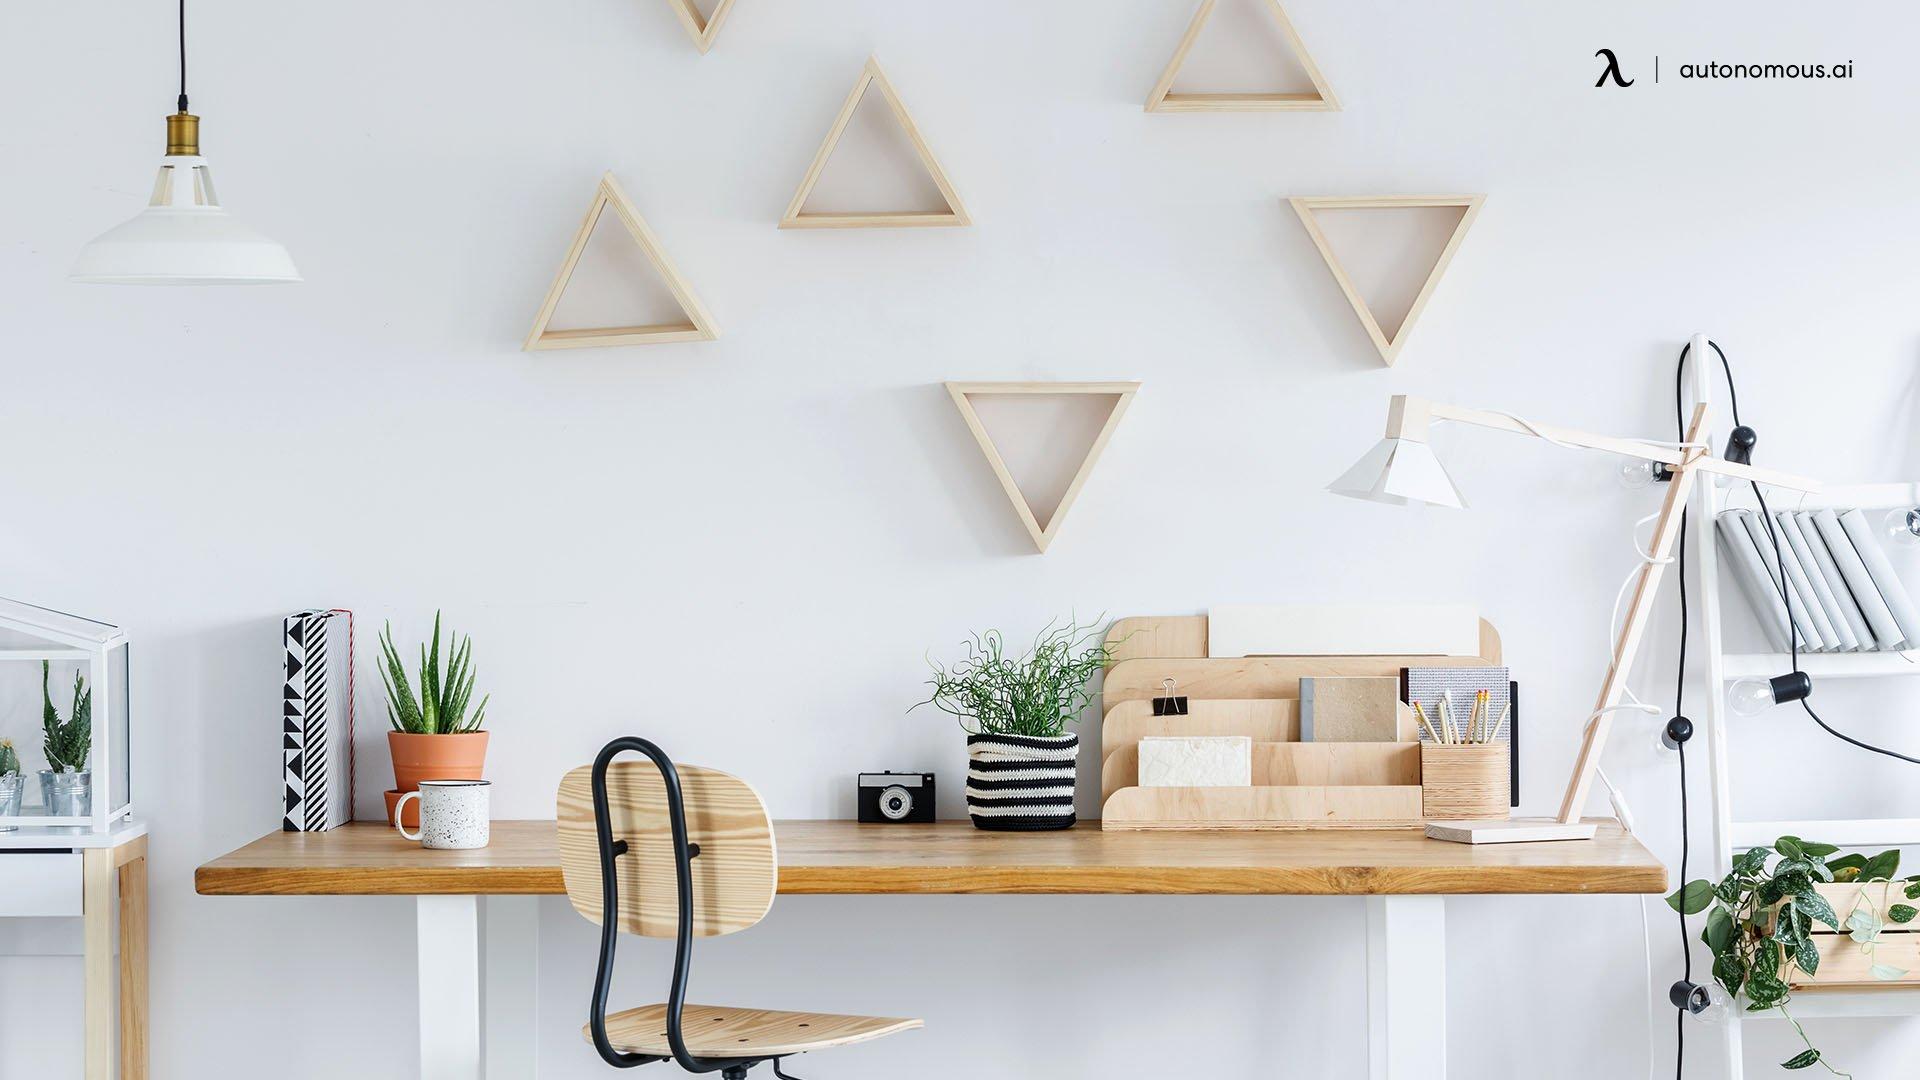 The Minimal Wooden Desk Workstation